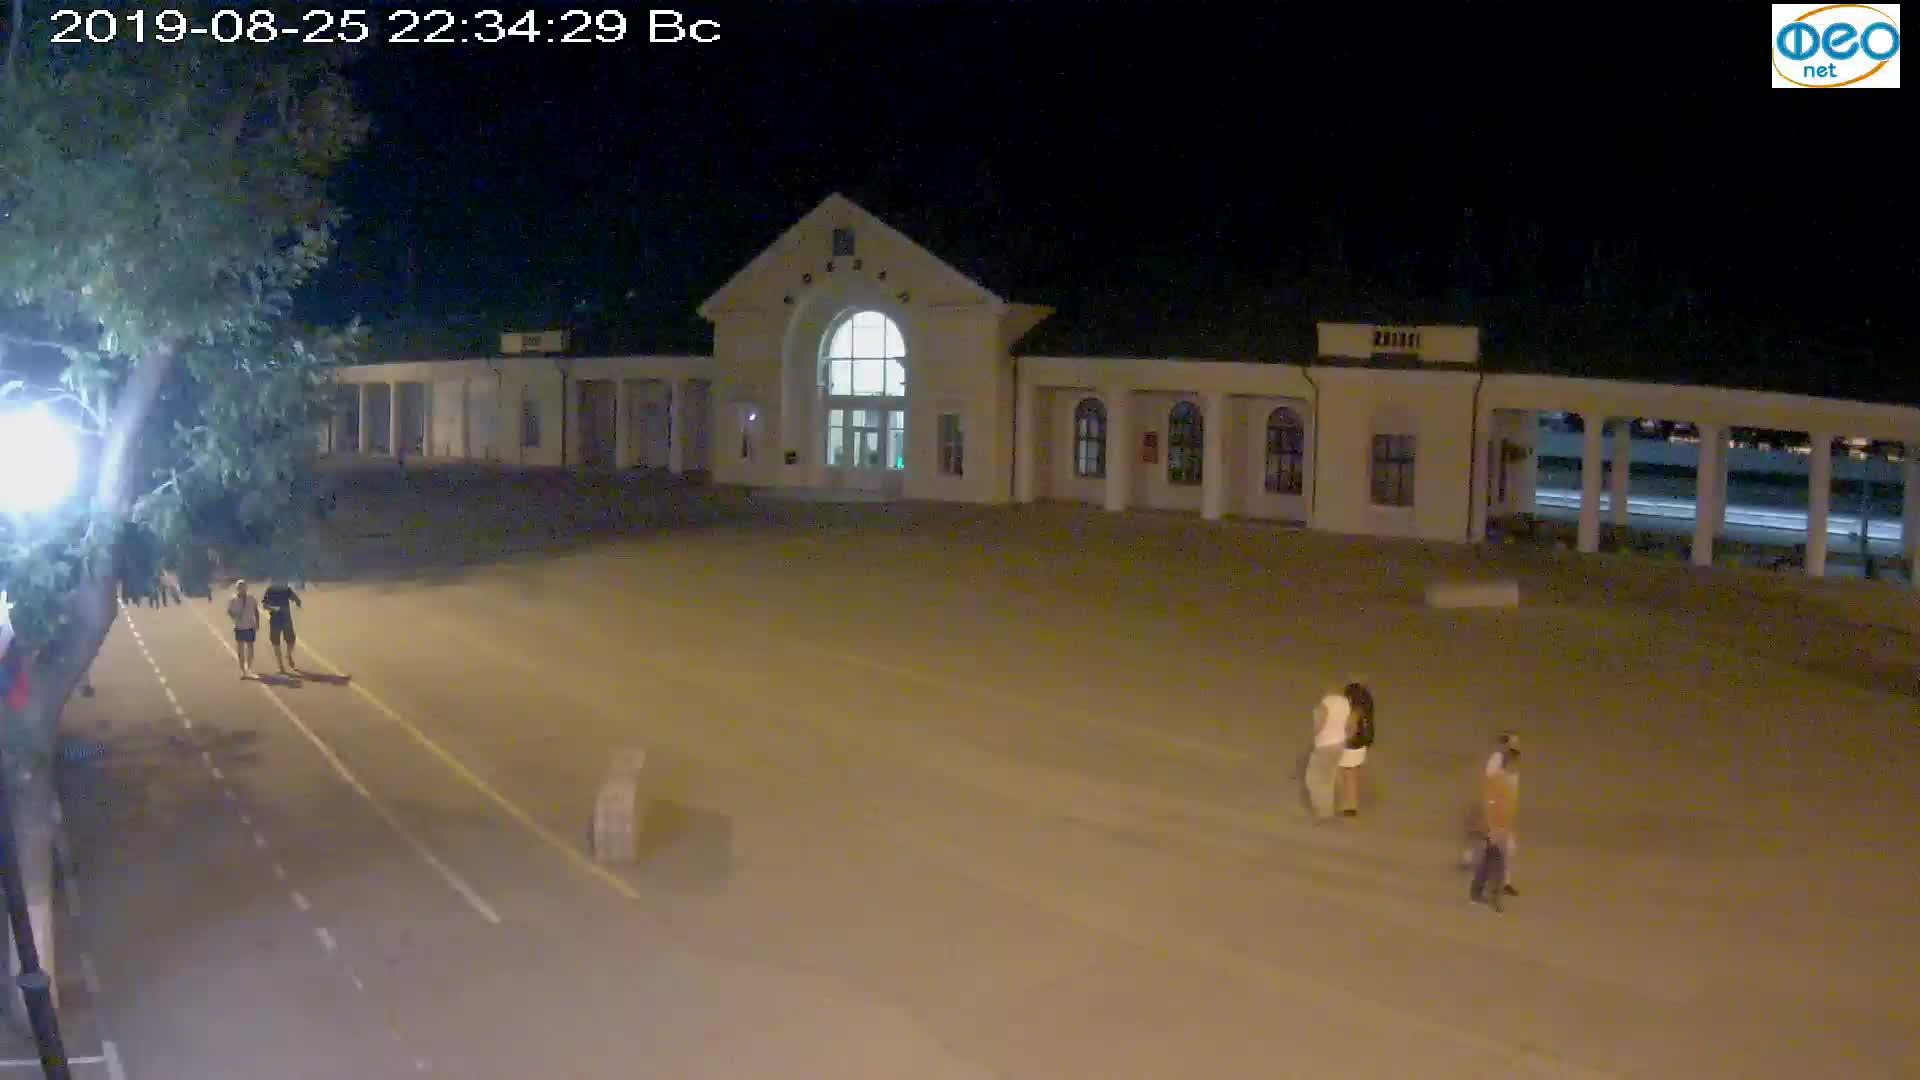 Веб-камеры Феодосии, Привокзальная площадь, 2019-08-25 22:50:05